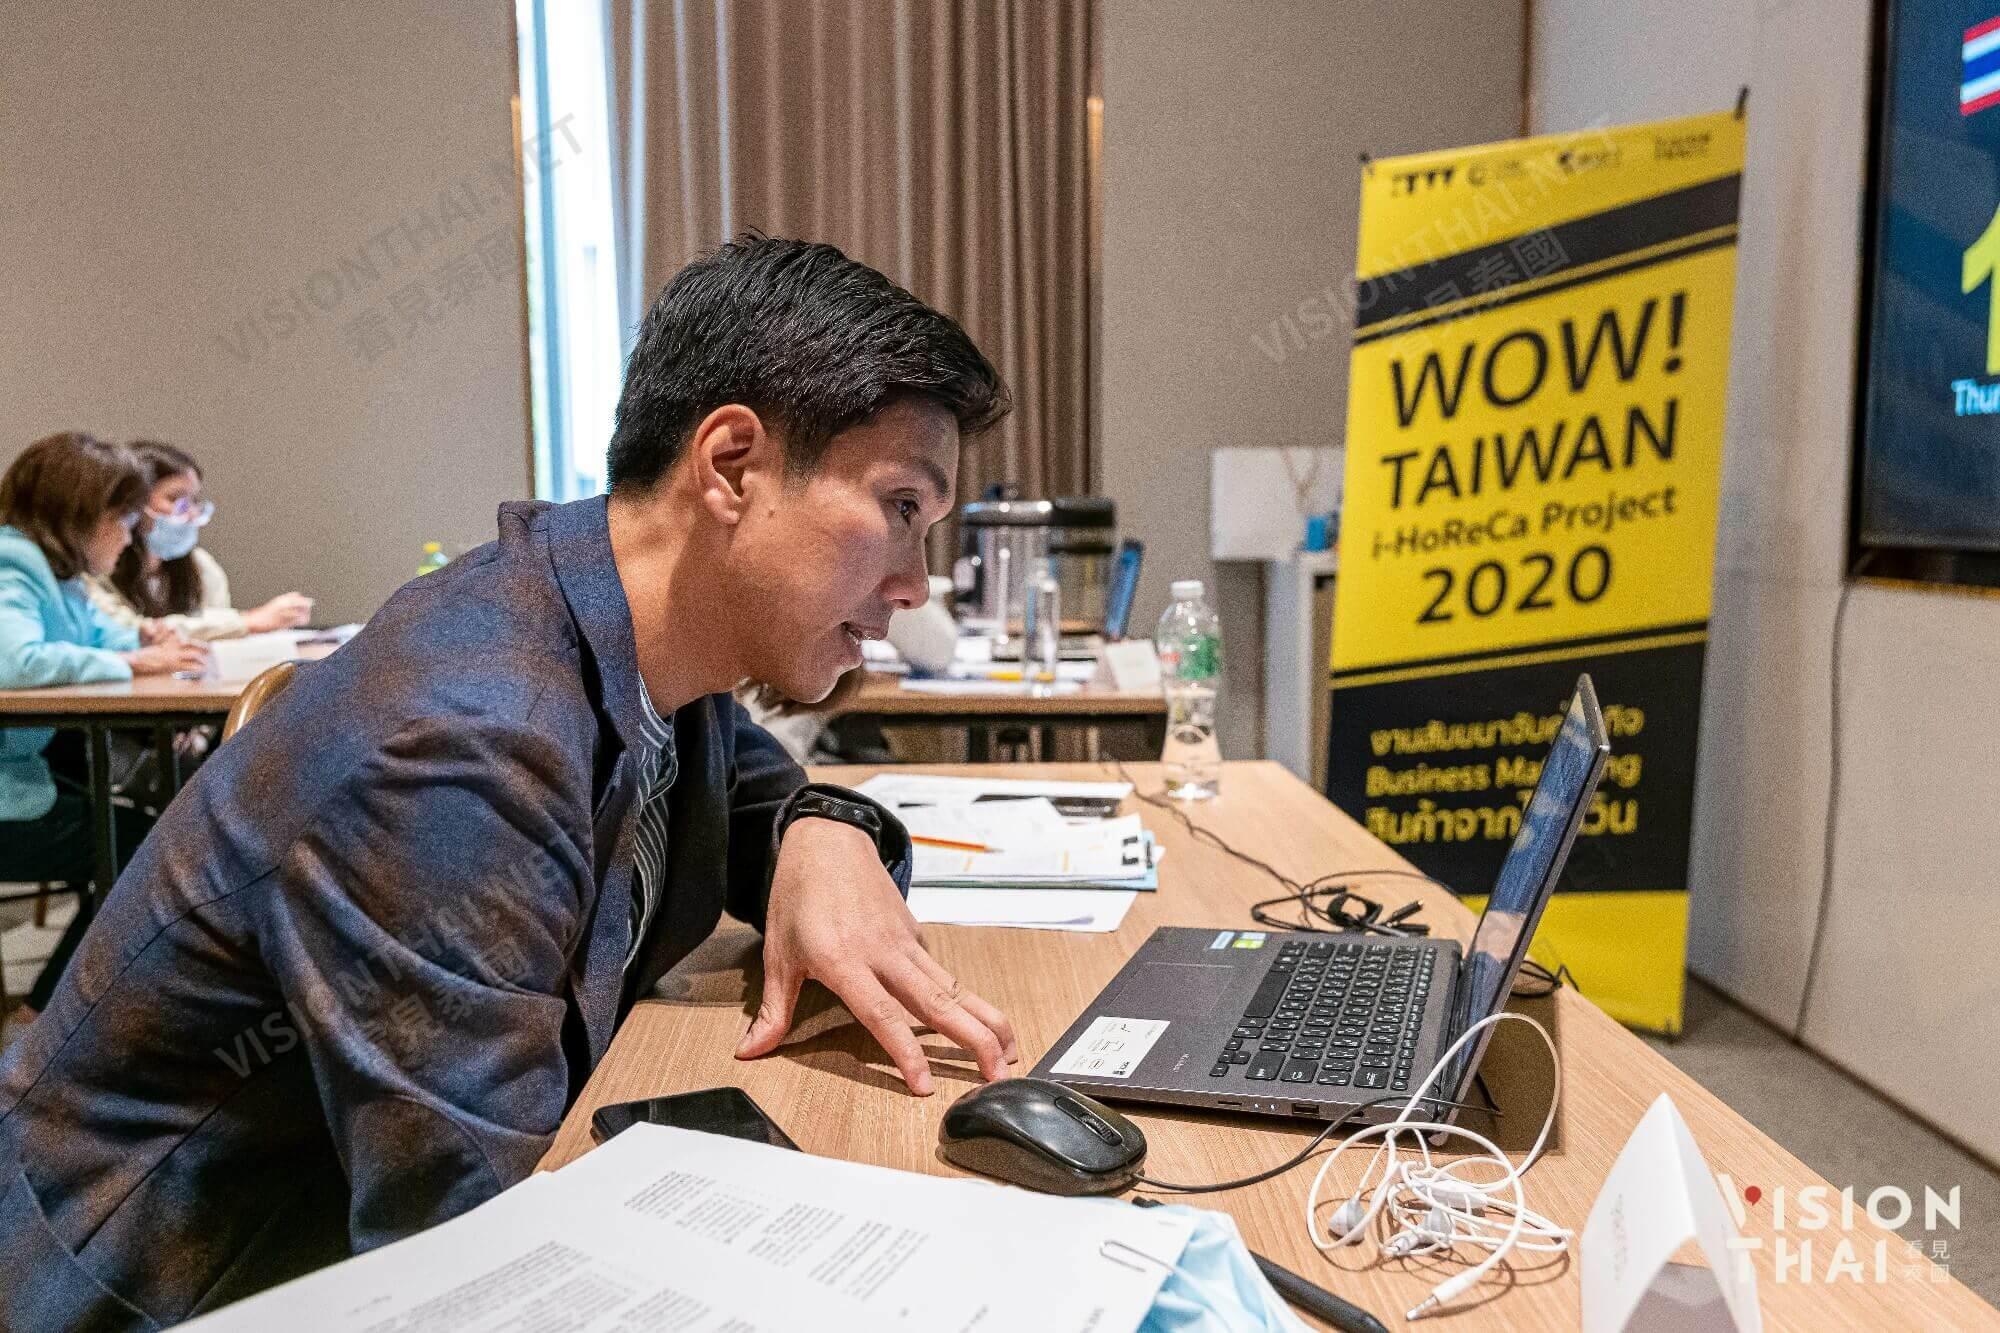 泰國買主透過口譯與台灣廠商視訊媒合(圖片來源:VISION THAI看見泰國)